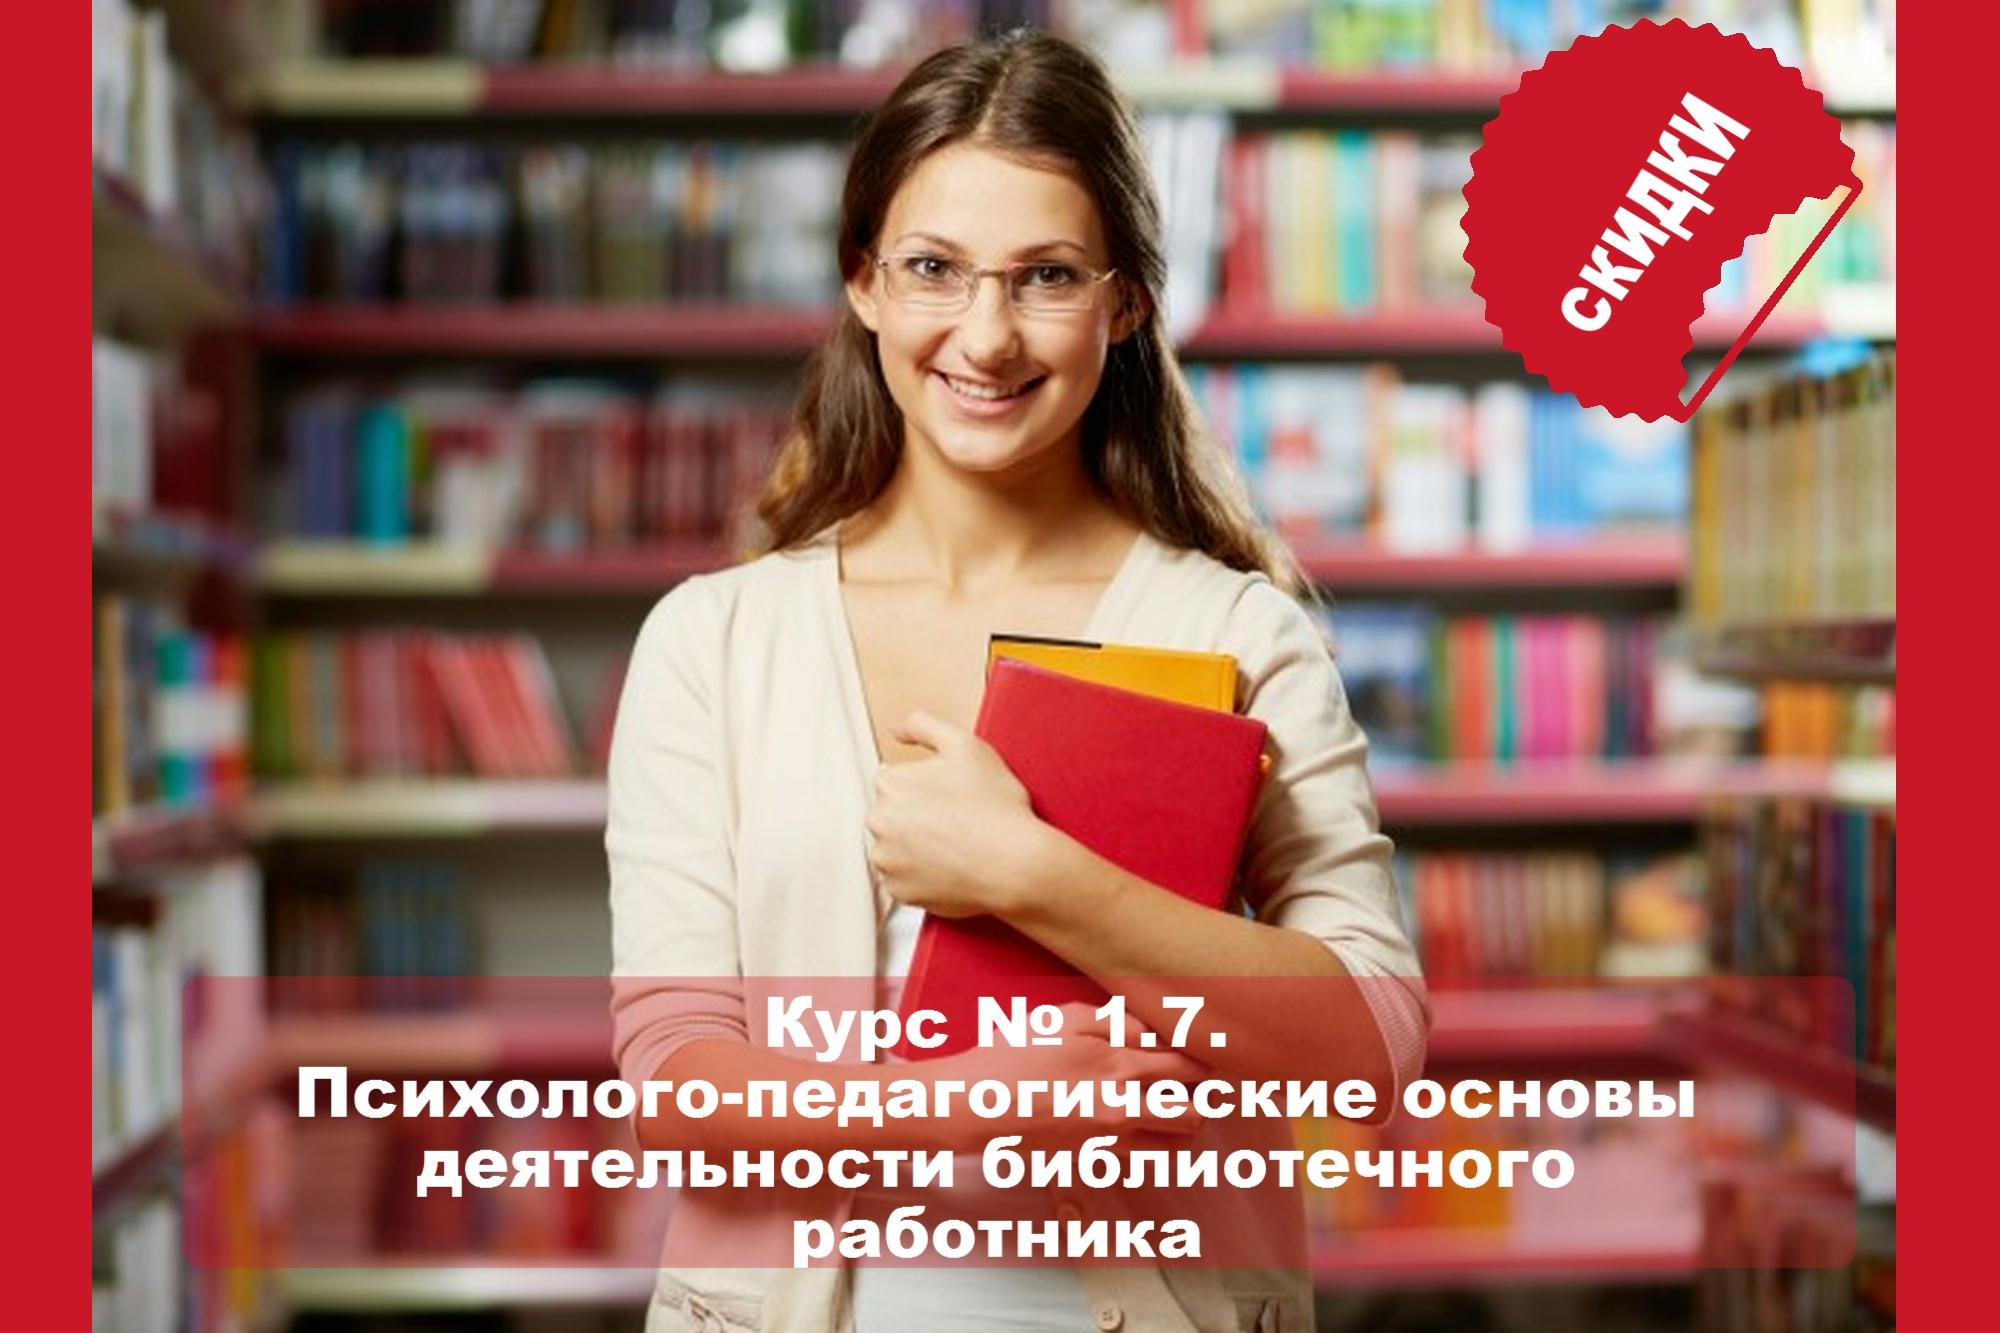 Дистанционные курсы ИДПК ГО Психолого-педагогические основы деятельности библиотечного работника